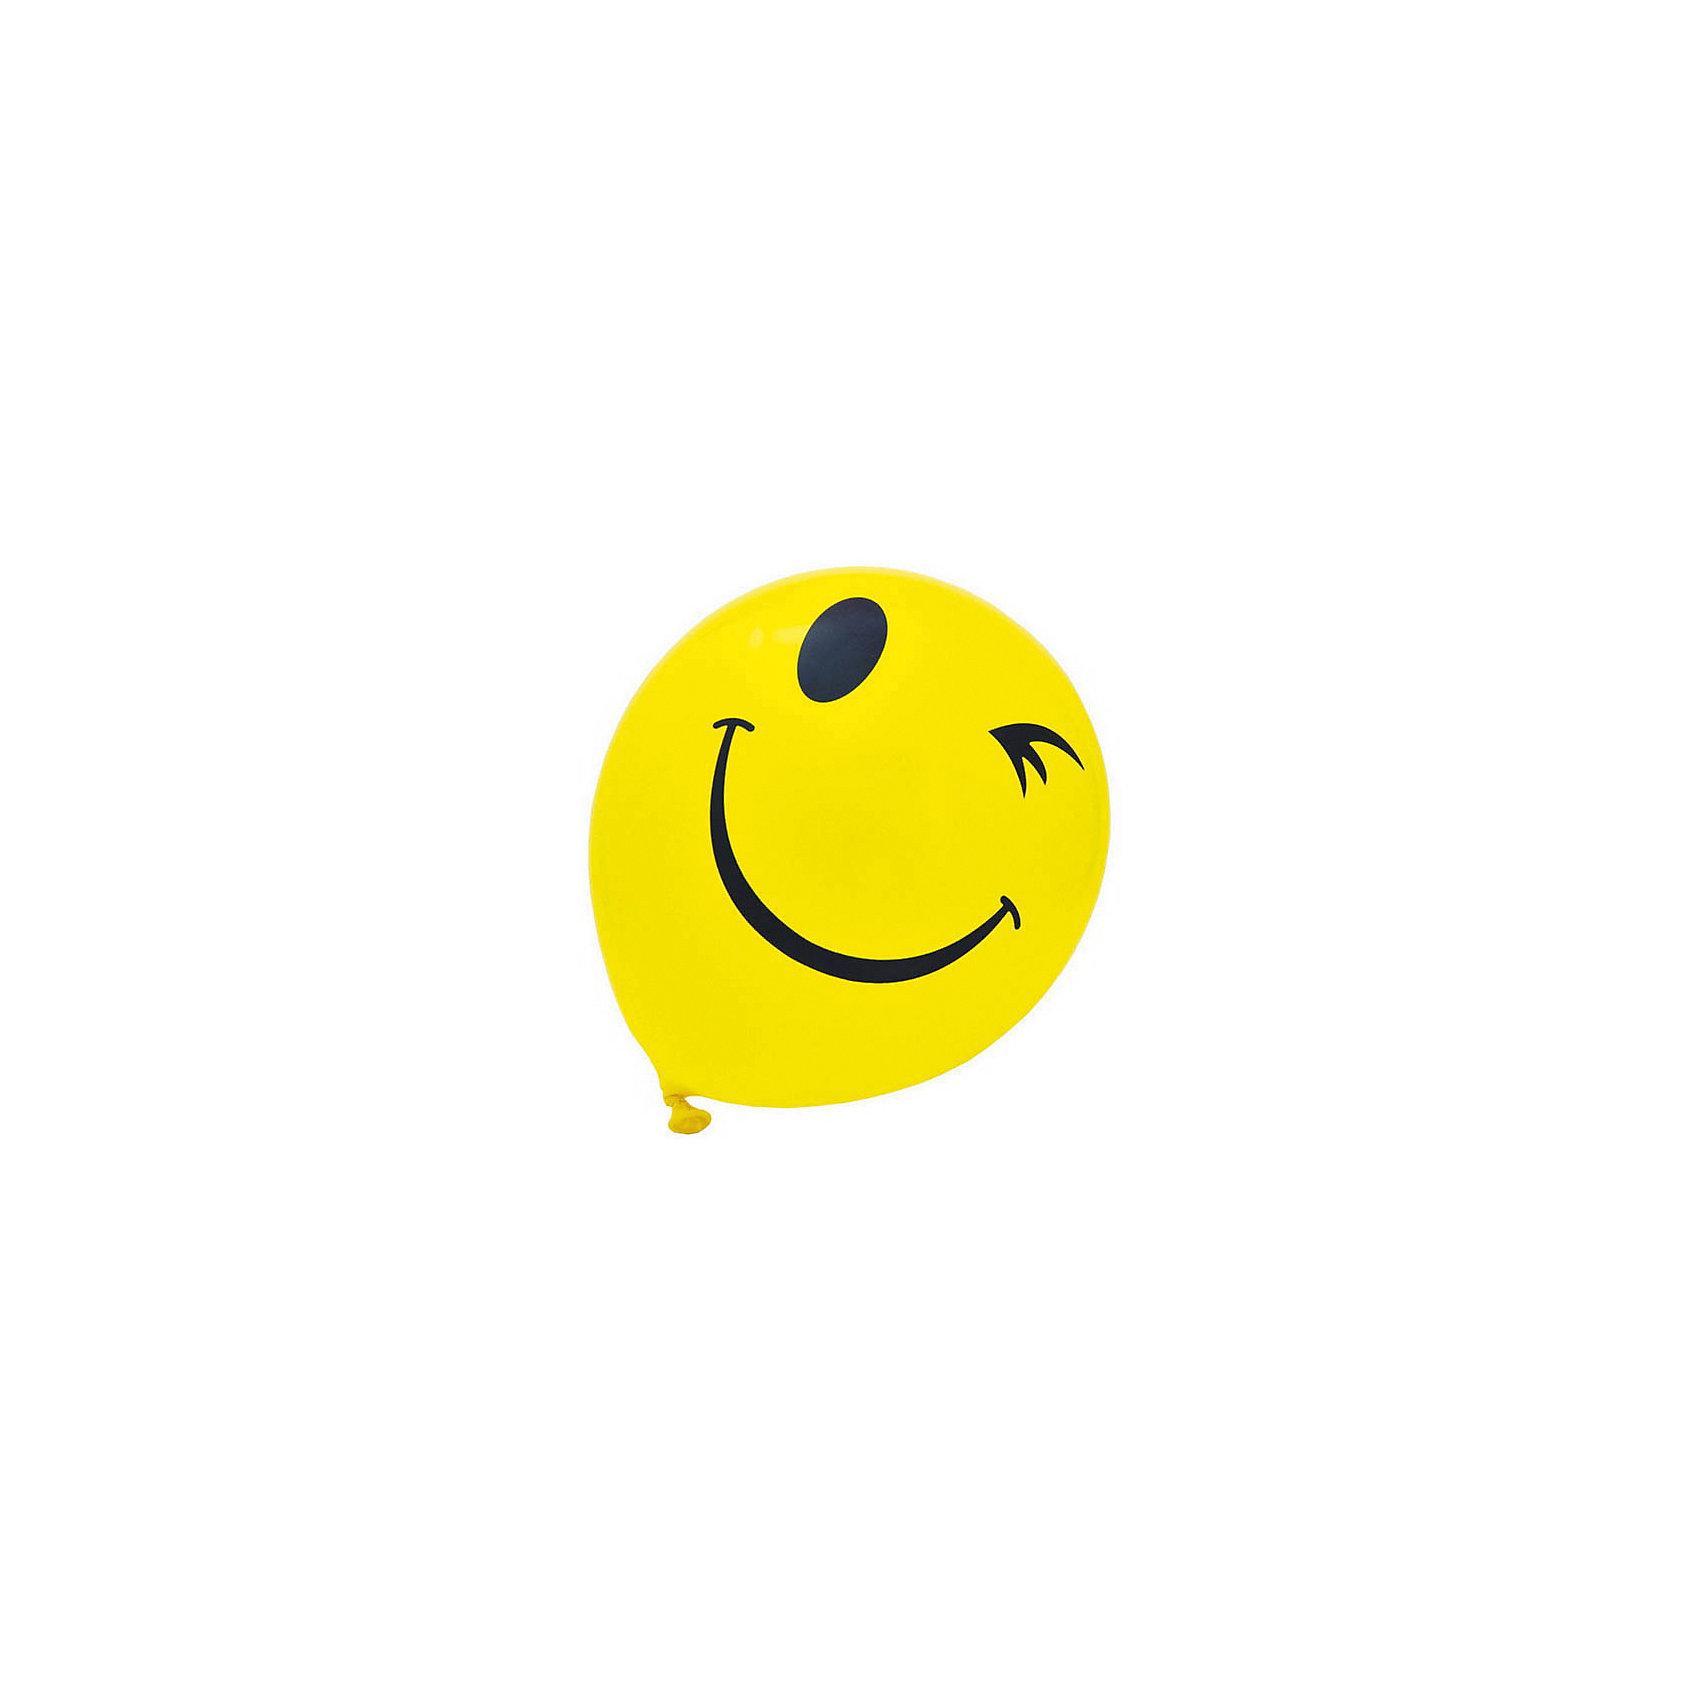 Воздушные шары Смайлы, одноцветный рисунок, 30см, 20 штВсё для праздника<br>Характеристики:<br><br>• возраст: от 3 лет<br>• количество: 20 шт.<br>• диаметр шара: 30 см.<br>• материал: латекс<br><br>Воздушные шары из латекса «Смайлы» просто созданы для того, чтобы дарить радость, позитив и отличное настроение. Они словно солнышки согревают своими улыбками.<br><br>Воздушные шары Смайлы, одноцветный рисунок, 30см, 20 шт можно купить в нашем интернет-магазине.<br><br>Ширина мм: 180<br>Глубина мм: 130<br>Высота мм: 40<br>Вес г: 75<br>Возраст от месяцев: 36<br>Возраст до месяцев: 2147483647<br>Пол: Унисекс<br>Возраст: Детский<br>SKU: 6860593